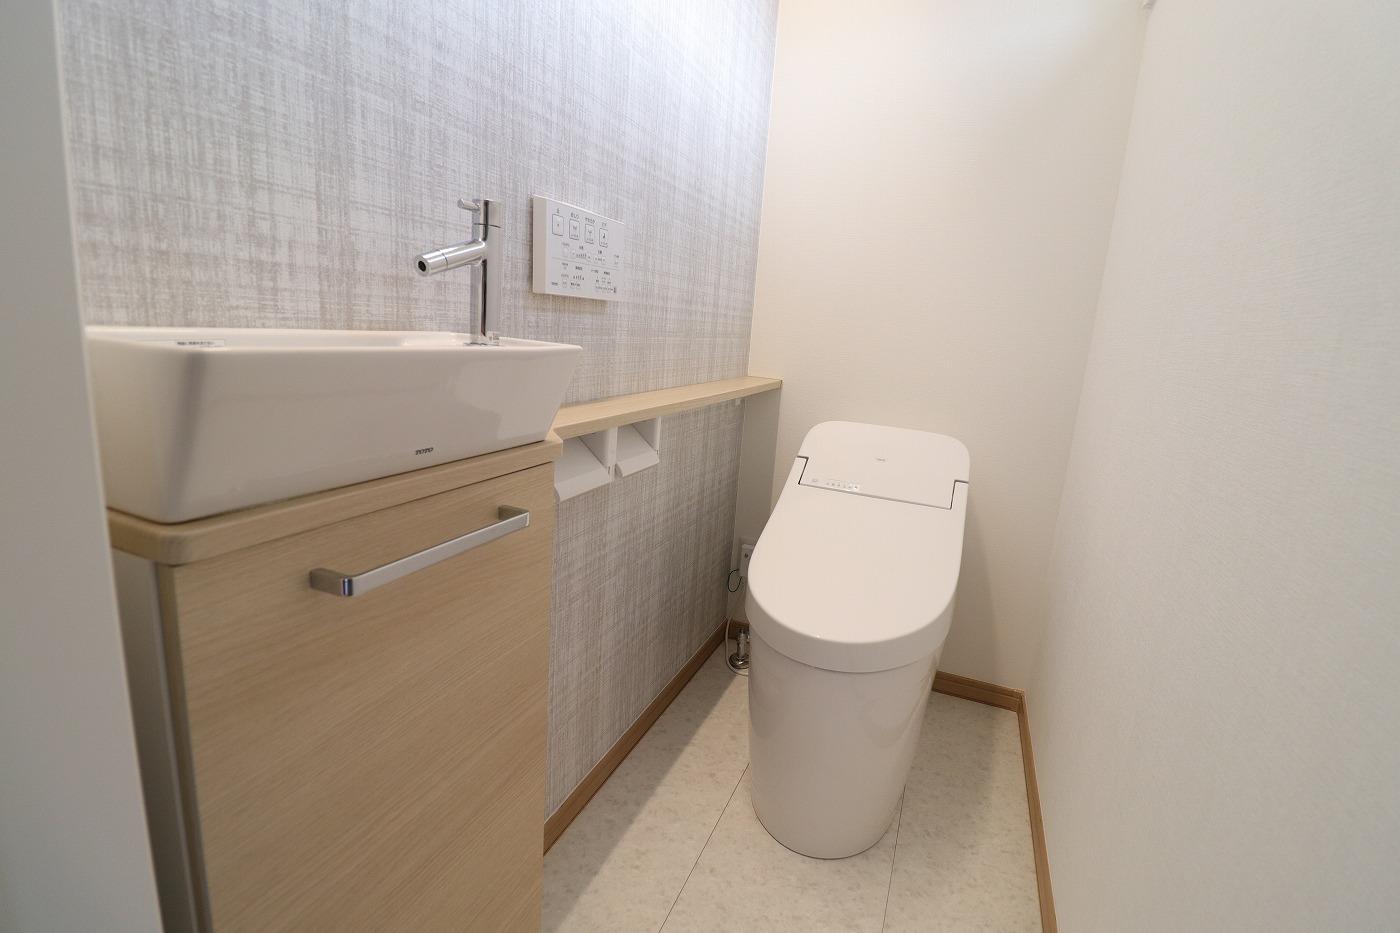 高松市小村町の平屋建て新築分譲住宅のトイレ